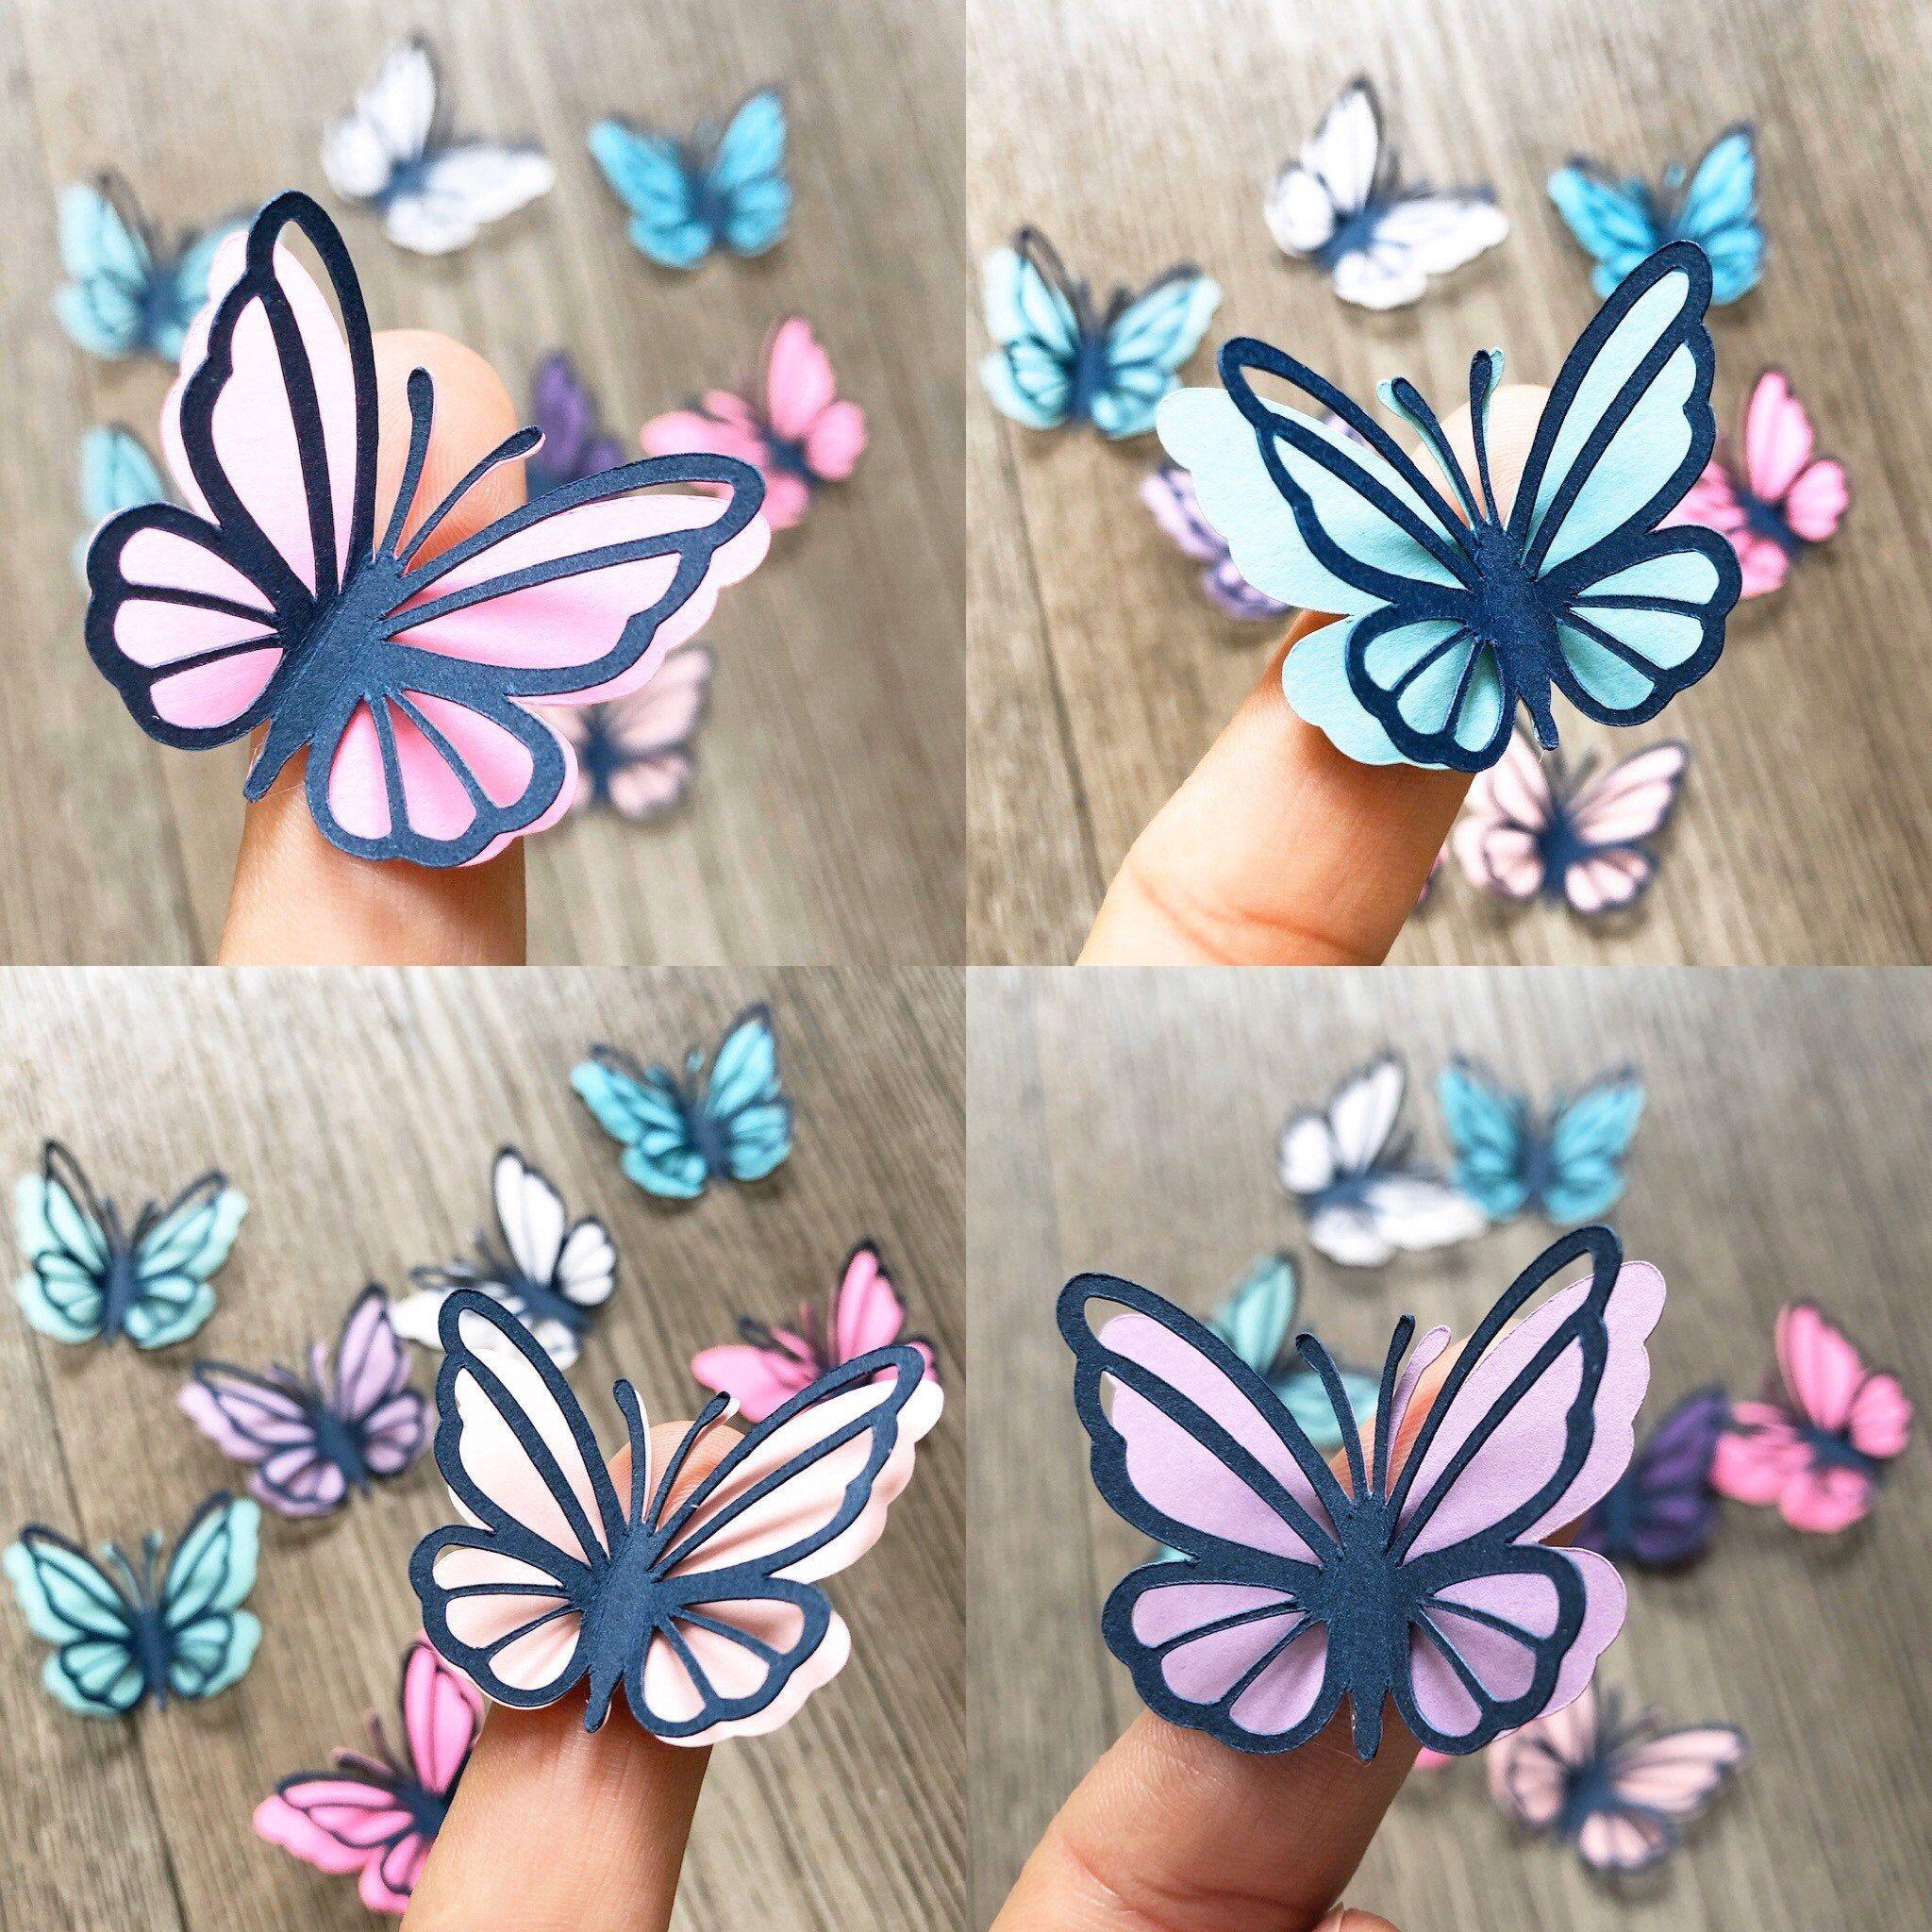 6Pcs 3D paper butterflies wall decor baby girl nursery and | Etsy in 2020 |  Paper butterflies, Butterfly wall decor, Butterfly crafts